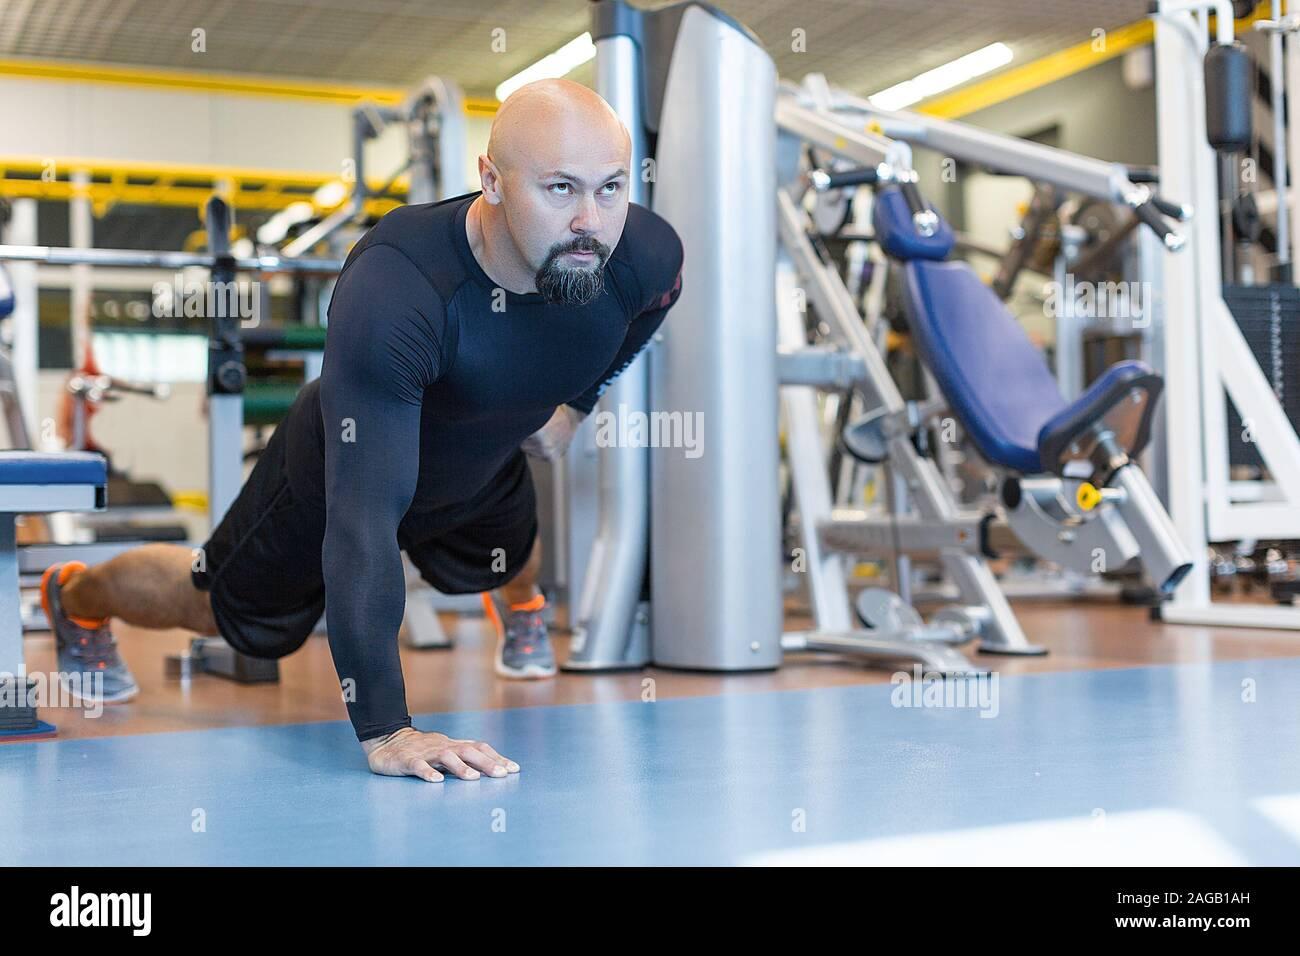 Hombre Barbado brutal haciendo flexiones con una mano de ejercicio en el gimnasio. Healty concepto de estilo de vida Foto de stock